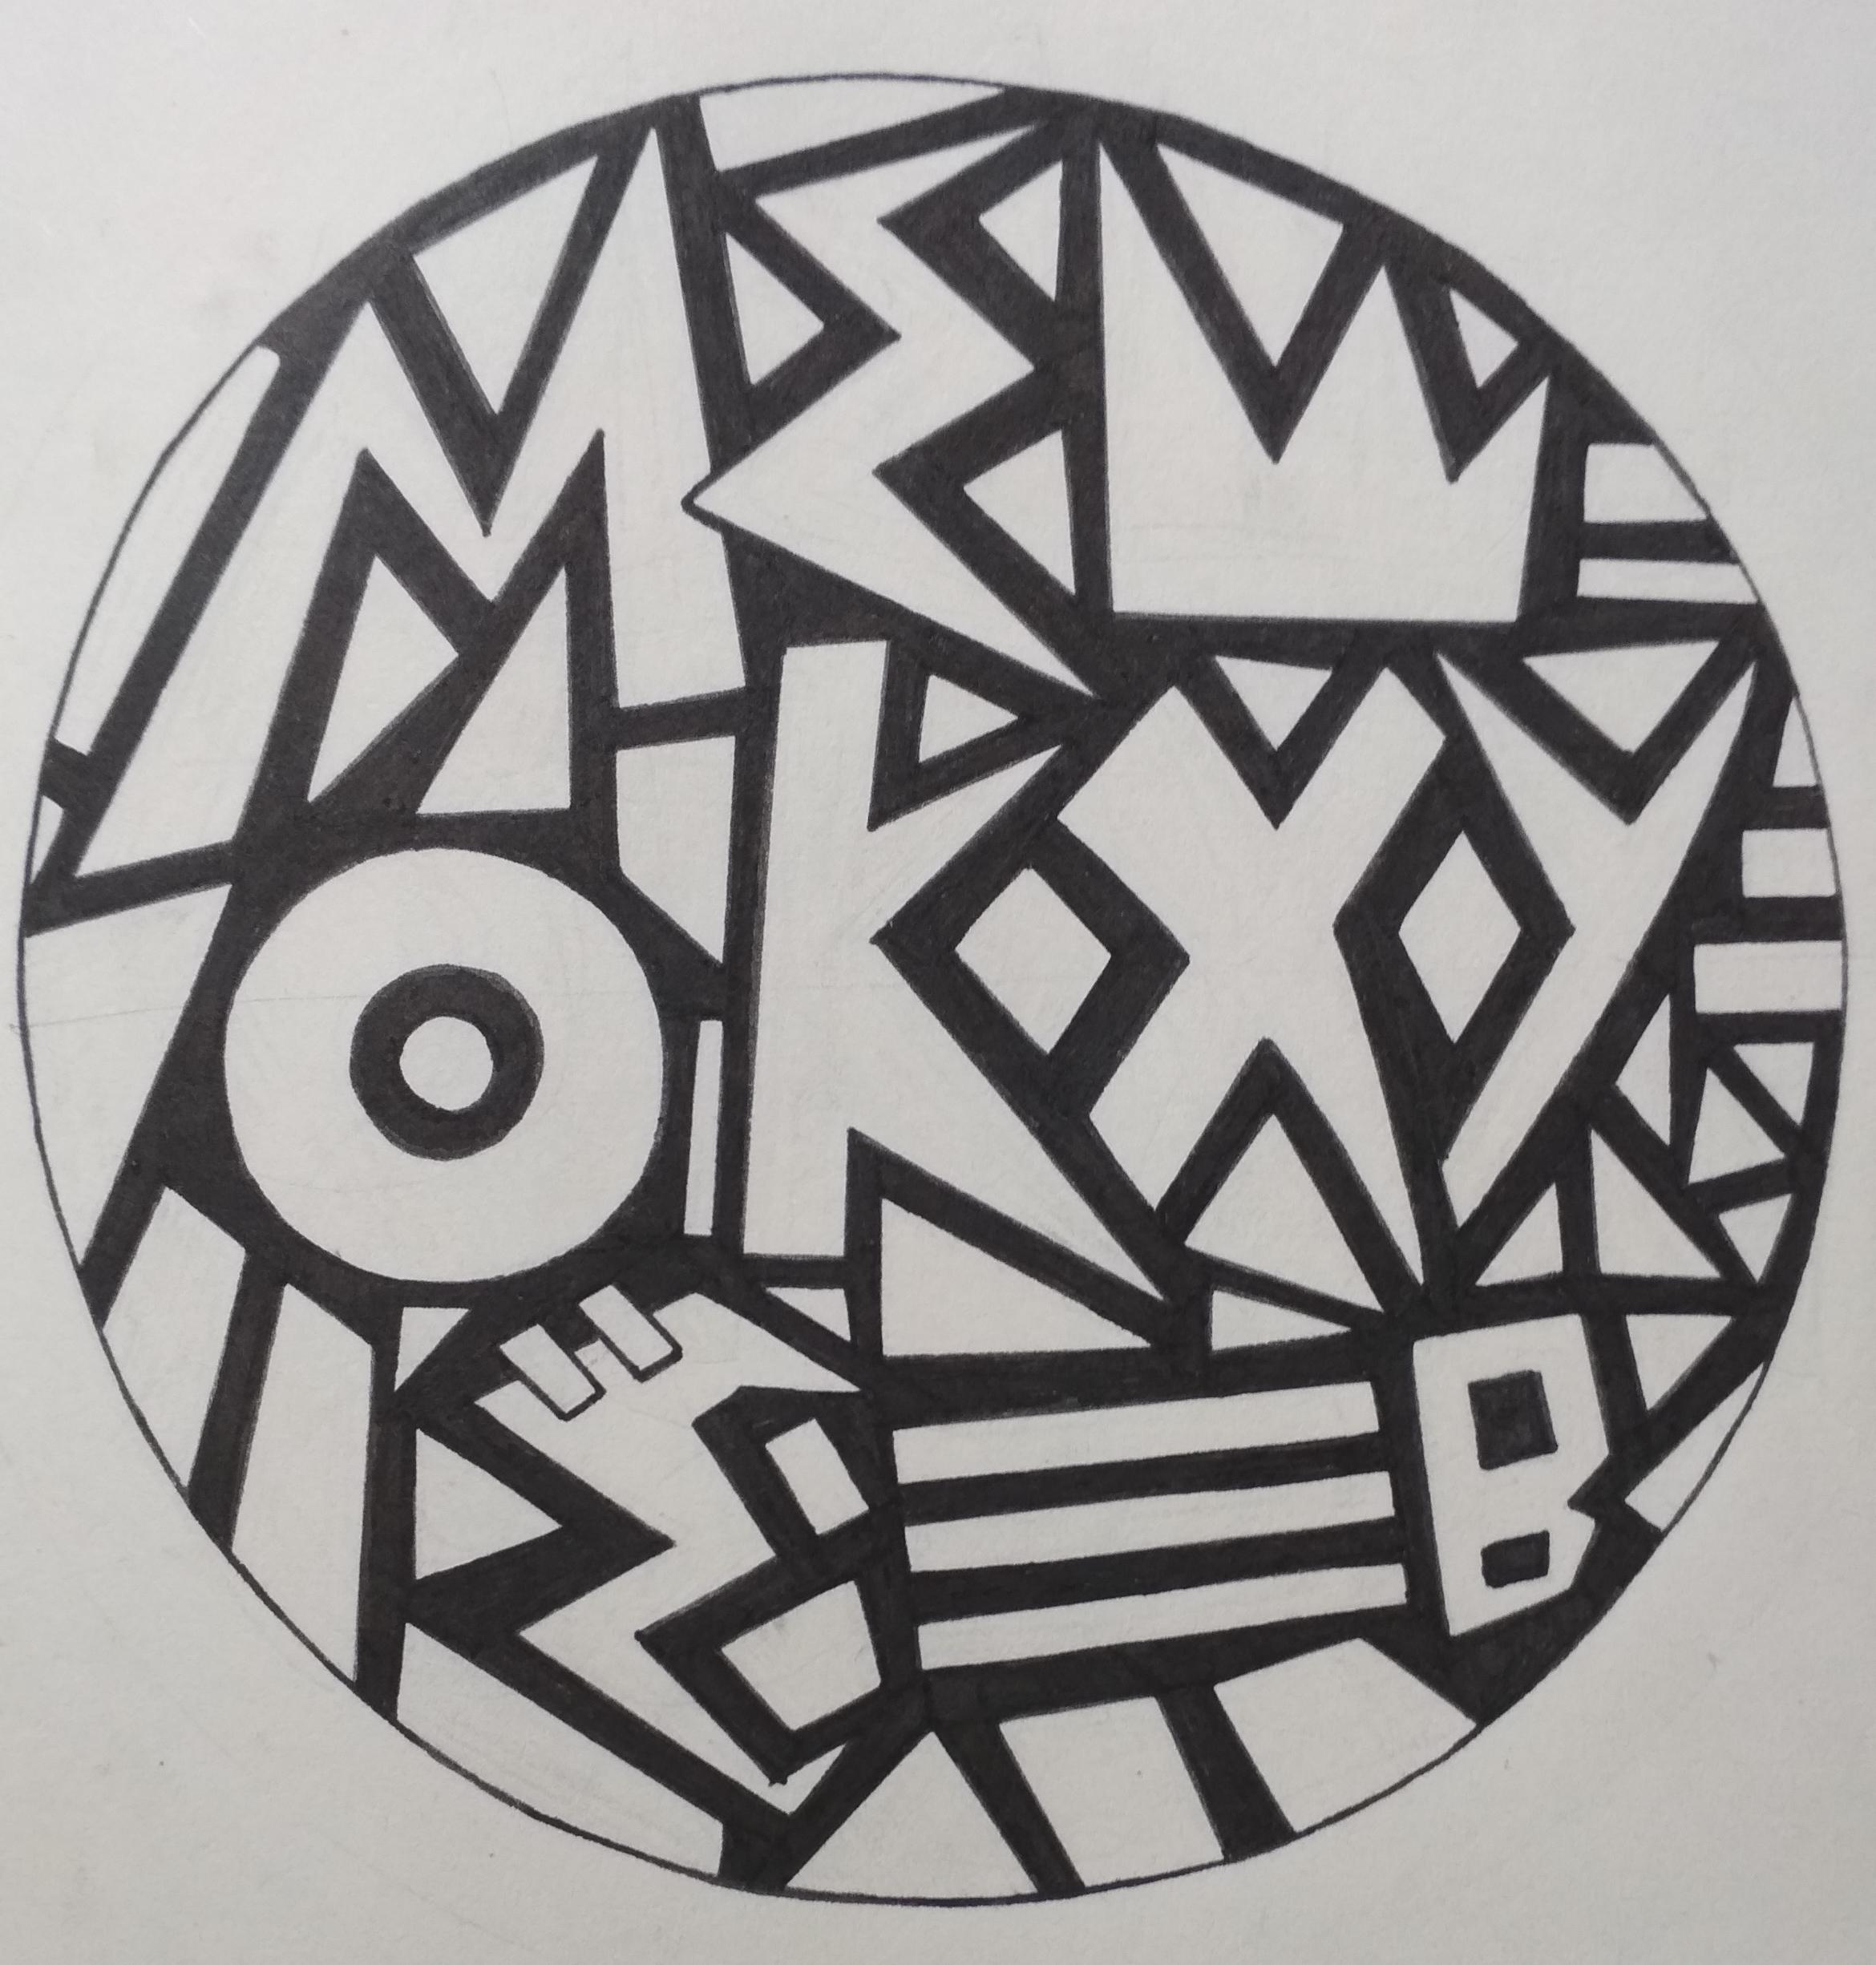 Конкурс! Каллиграфия! Логотип! фото f_6316065bf6ee88b4.jpg